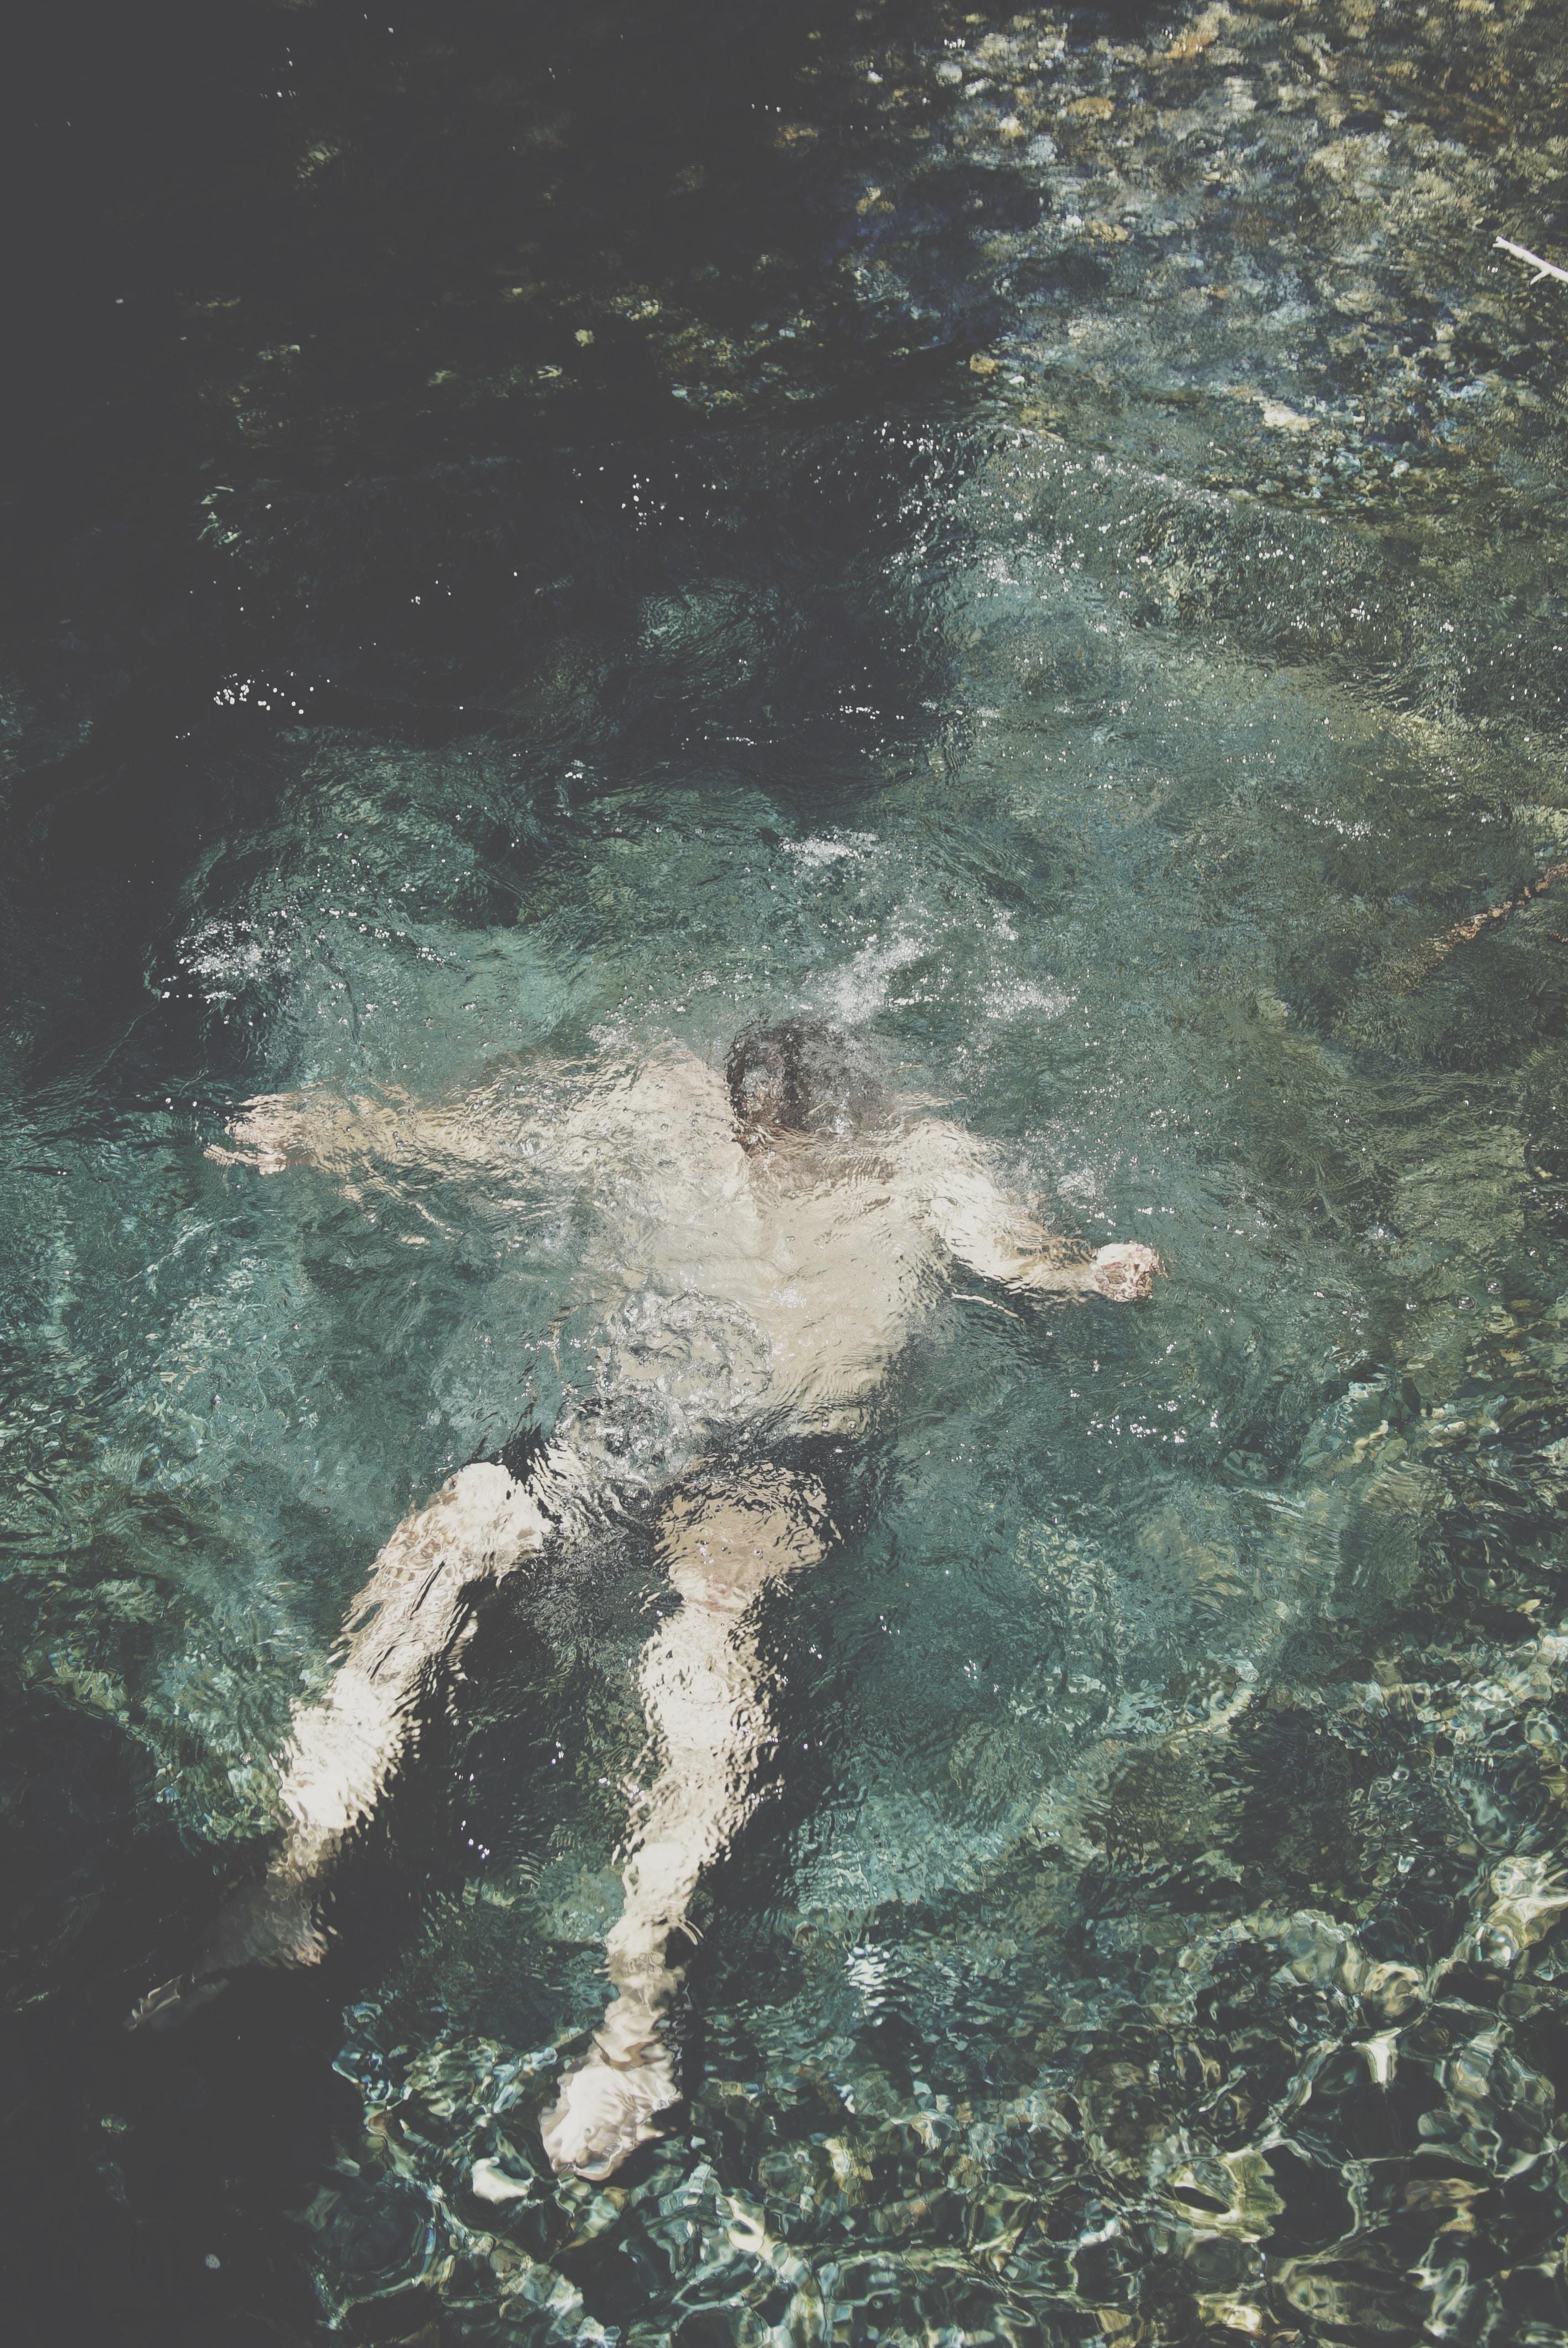 person submerged underwater